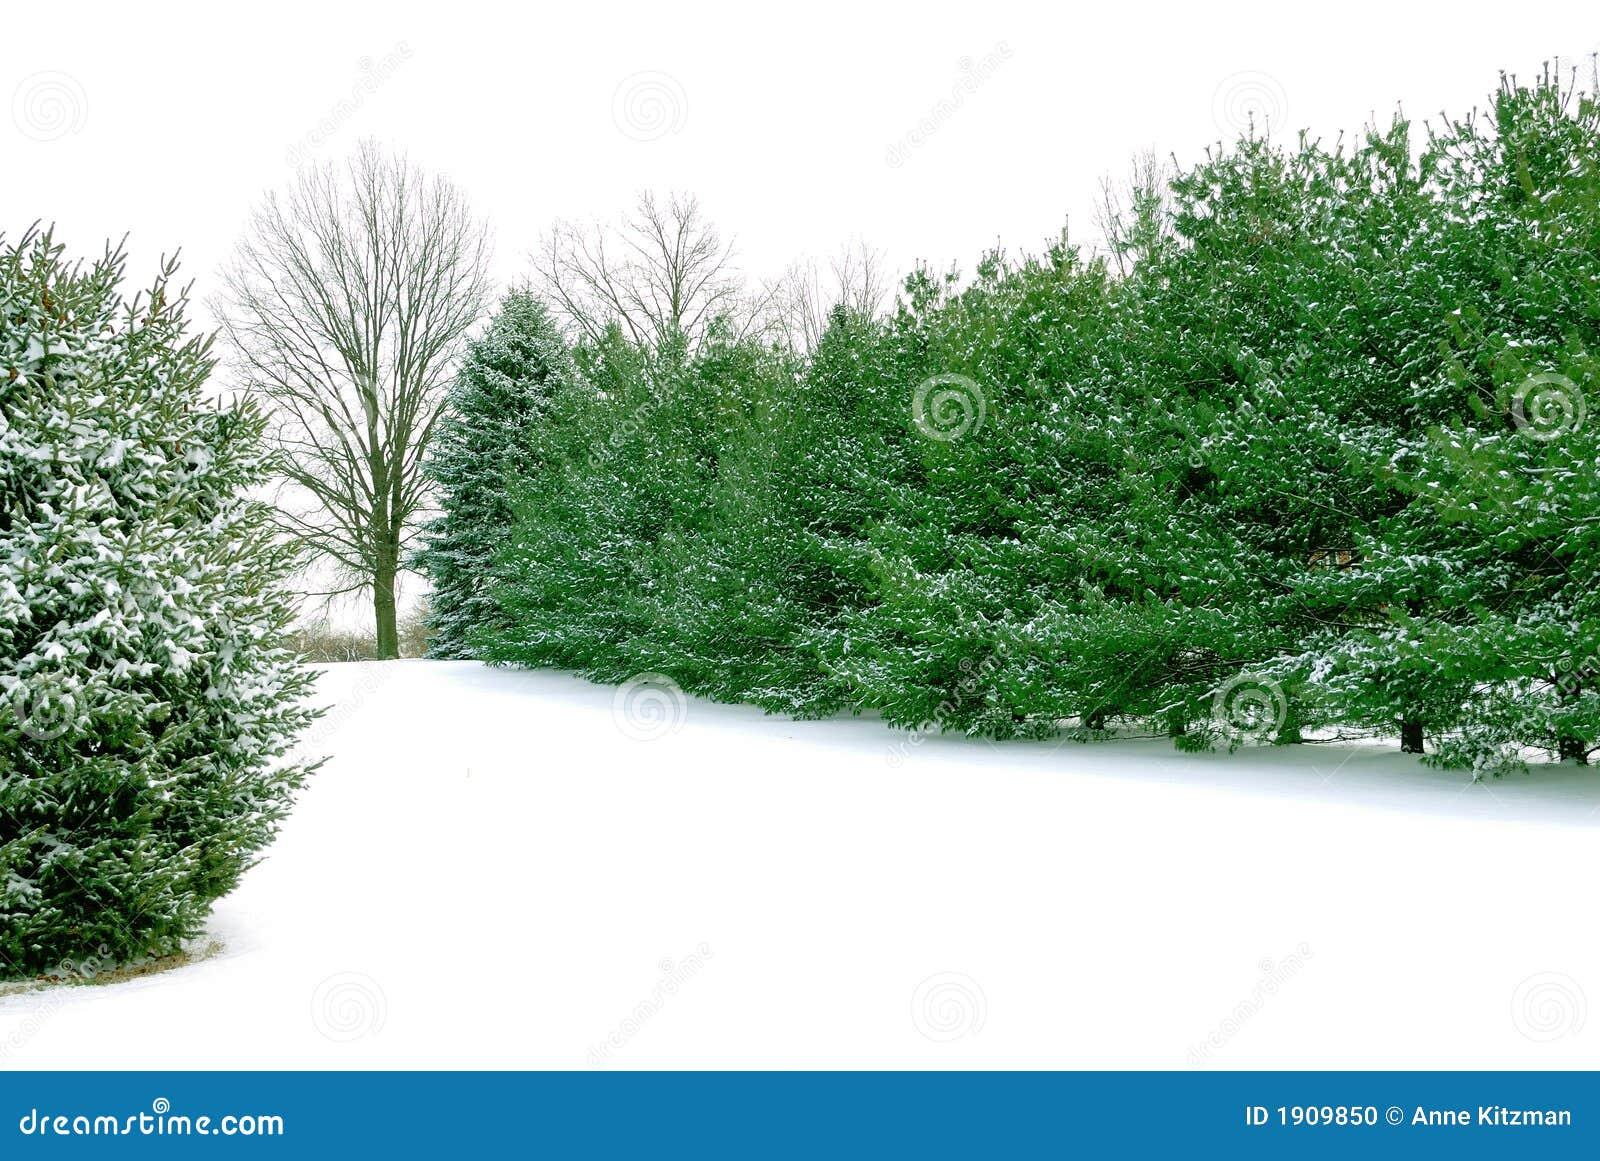 Pini sempreverdi nella neve bianca di inverno fotografia for Gli alberi sempreverdi